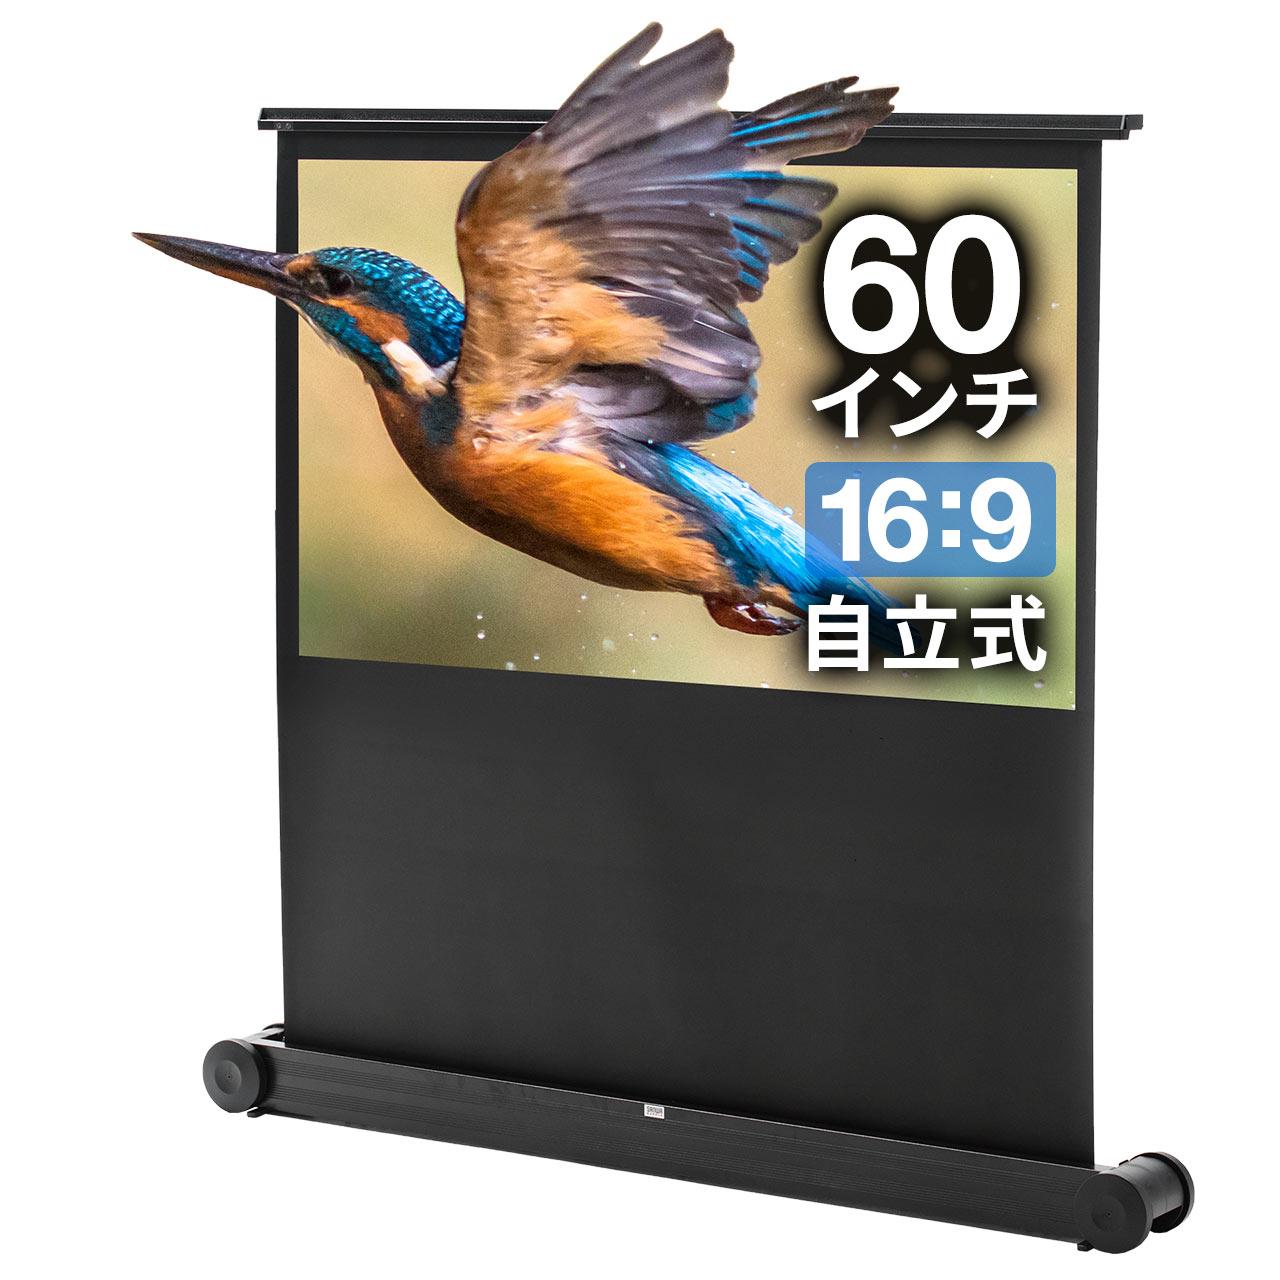 プロジェクタースクリーン 60インチ 簡単設置 自立・パンタグラフ式 持ち運び可能 床置き 移動ローラー付 ブラック プロジェクタ・スクリーン プレゼン・ホームシアターに[100-PRS013]【サンワダイレクト限定品】